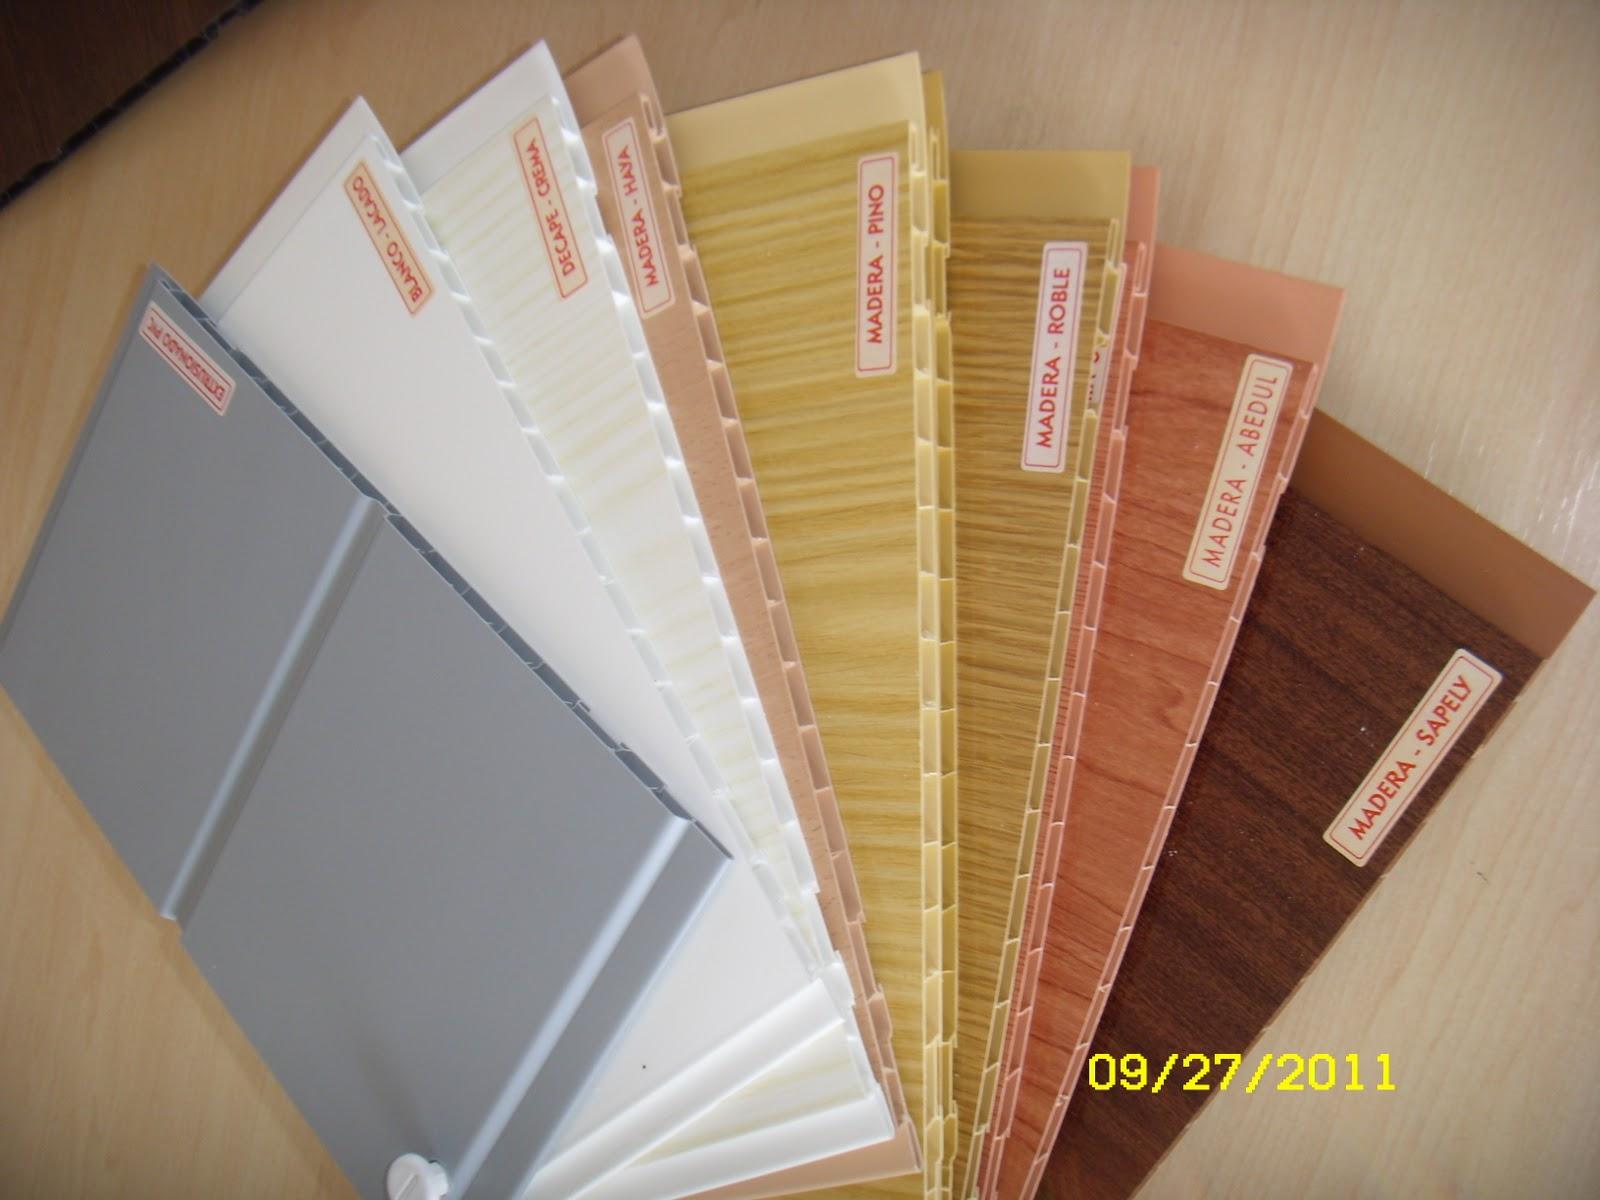 Plademur instalaciones en general revestimiento de - Revestimiento de techos ...